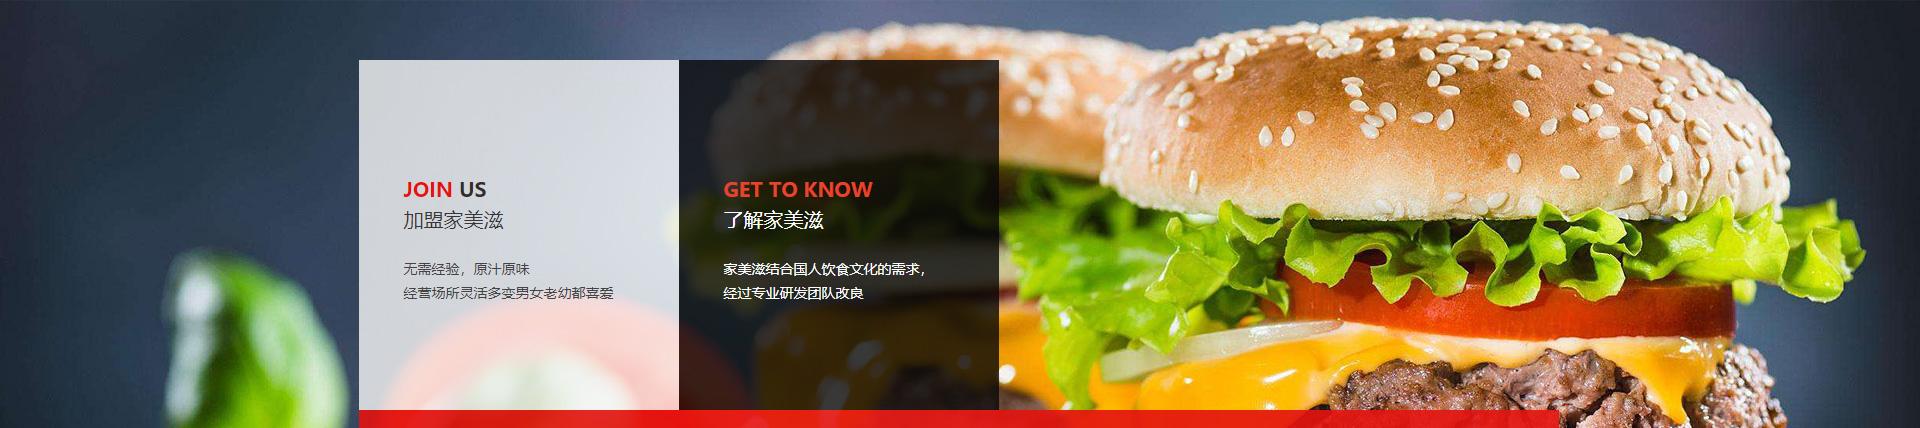 郑州网站设计制作